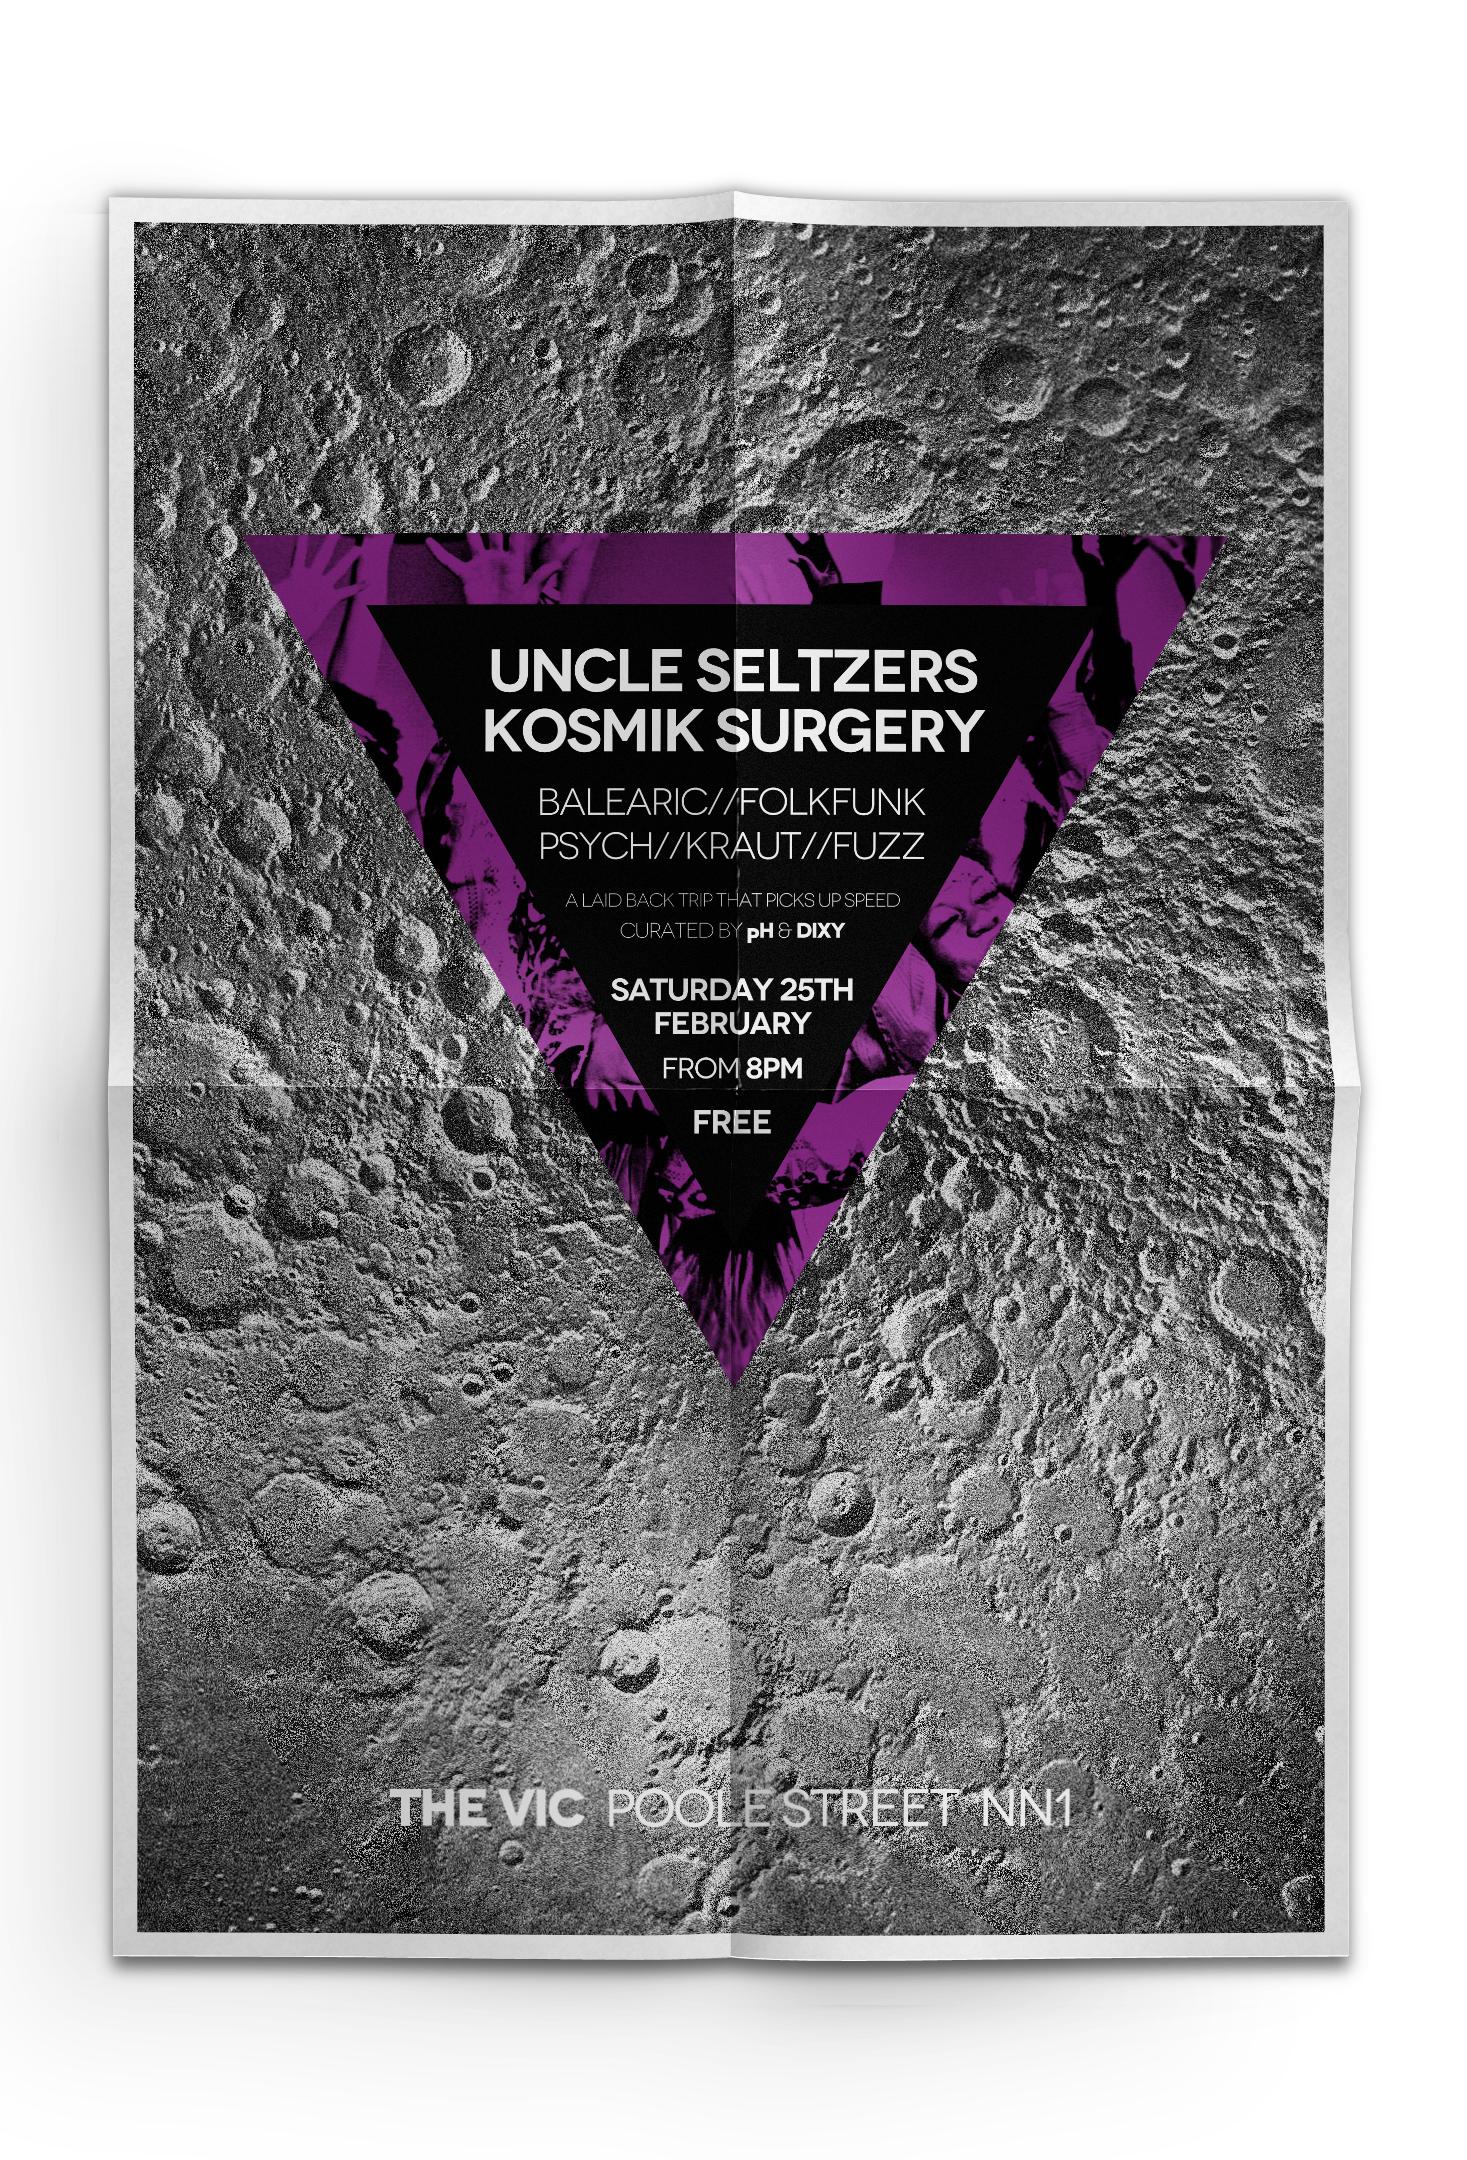 Uncle Seltzers Kosmik Surgery